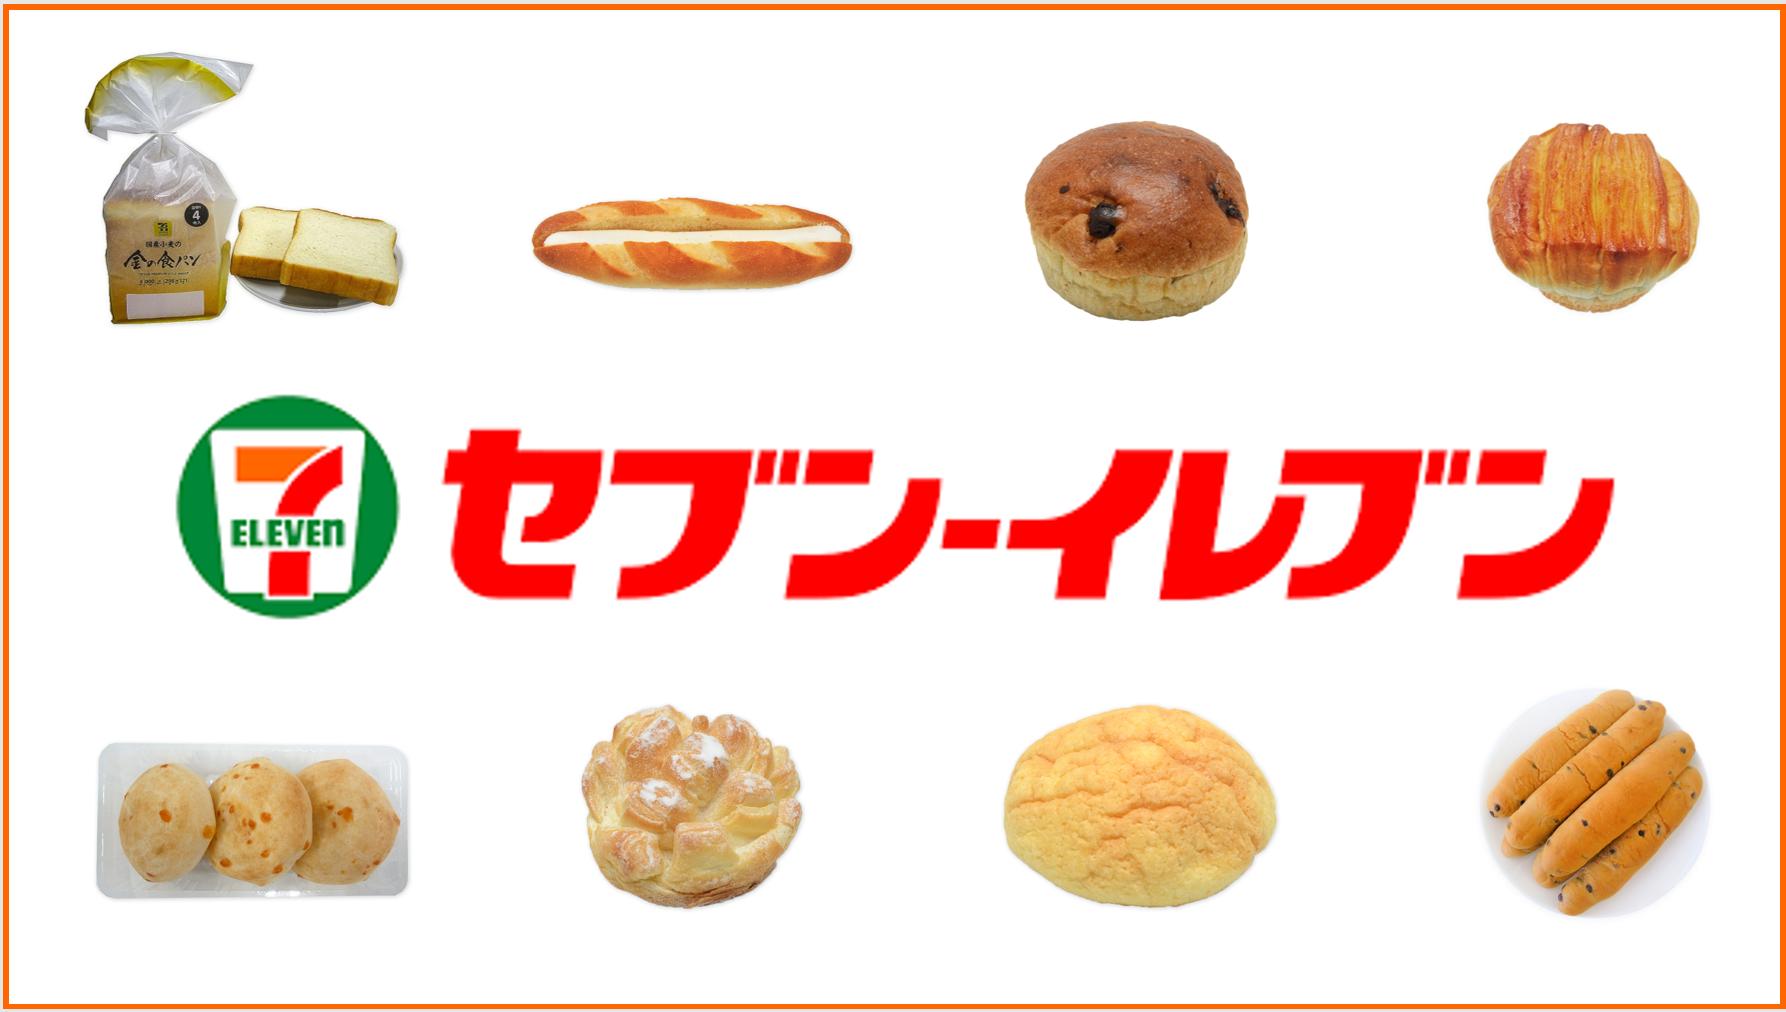 【9月14日更新】セブンイレブンの人気パンおすすめまとめ!新商品から定番パンまで紹介